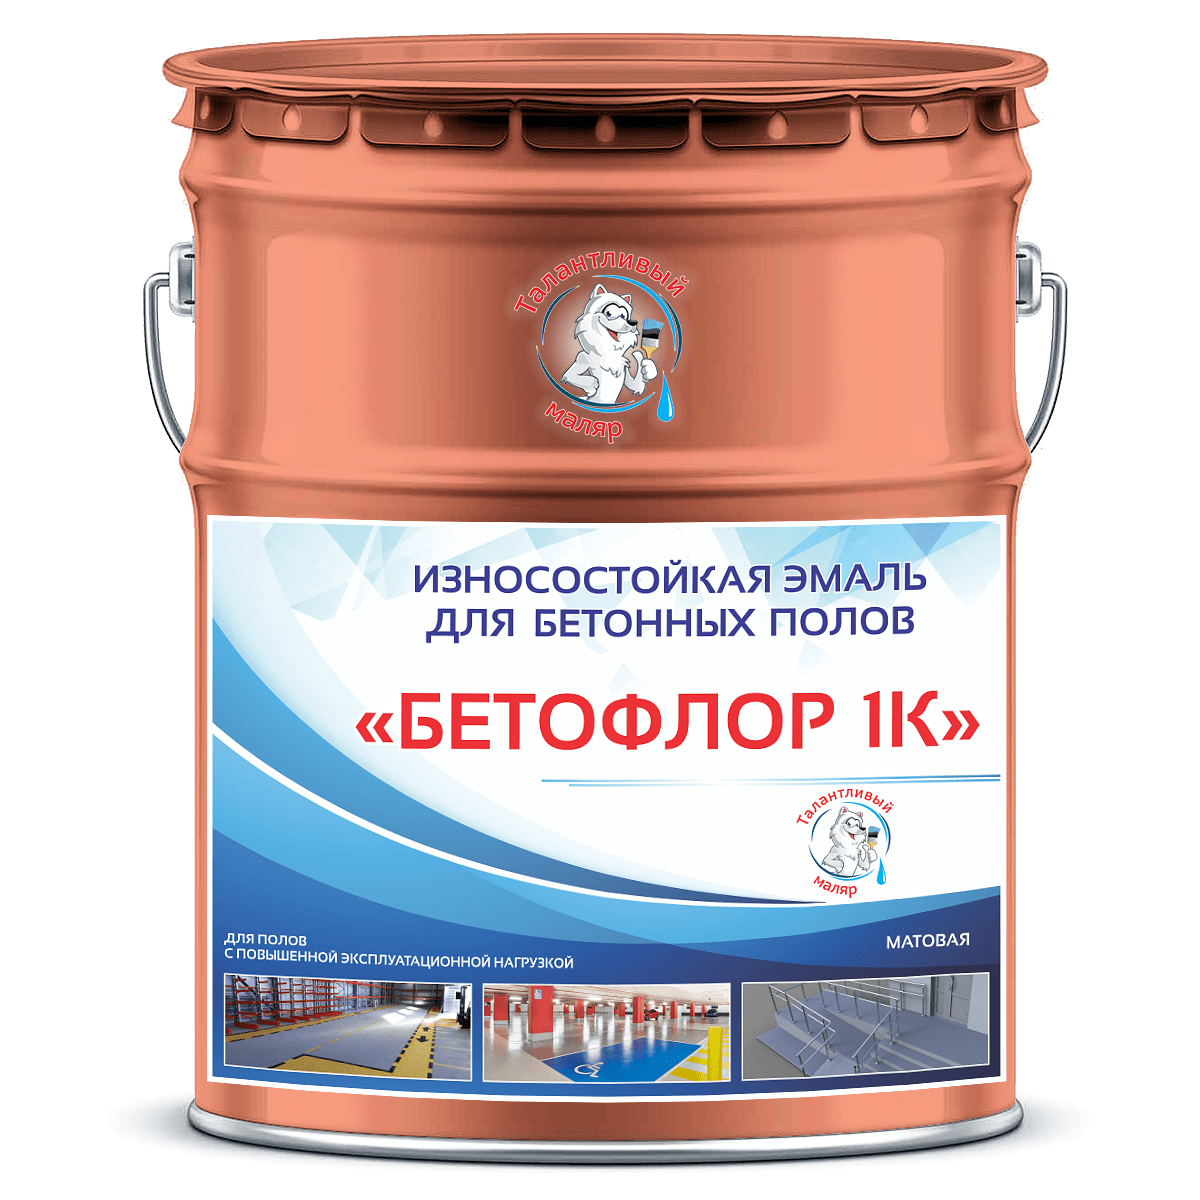 """Фото 1 - BF3012 Эмаль для бетонных полов """"Бетофлор"""" 1К цвет RAL 3012 Бежево-красный, матовая износостойкая, 25 кг """"Талантливый Маляр""""."""